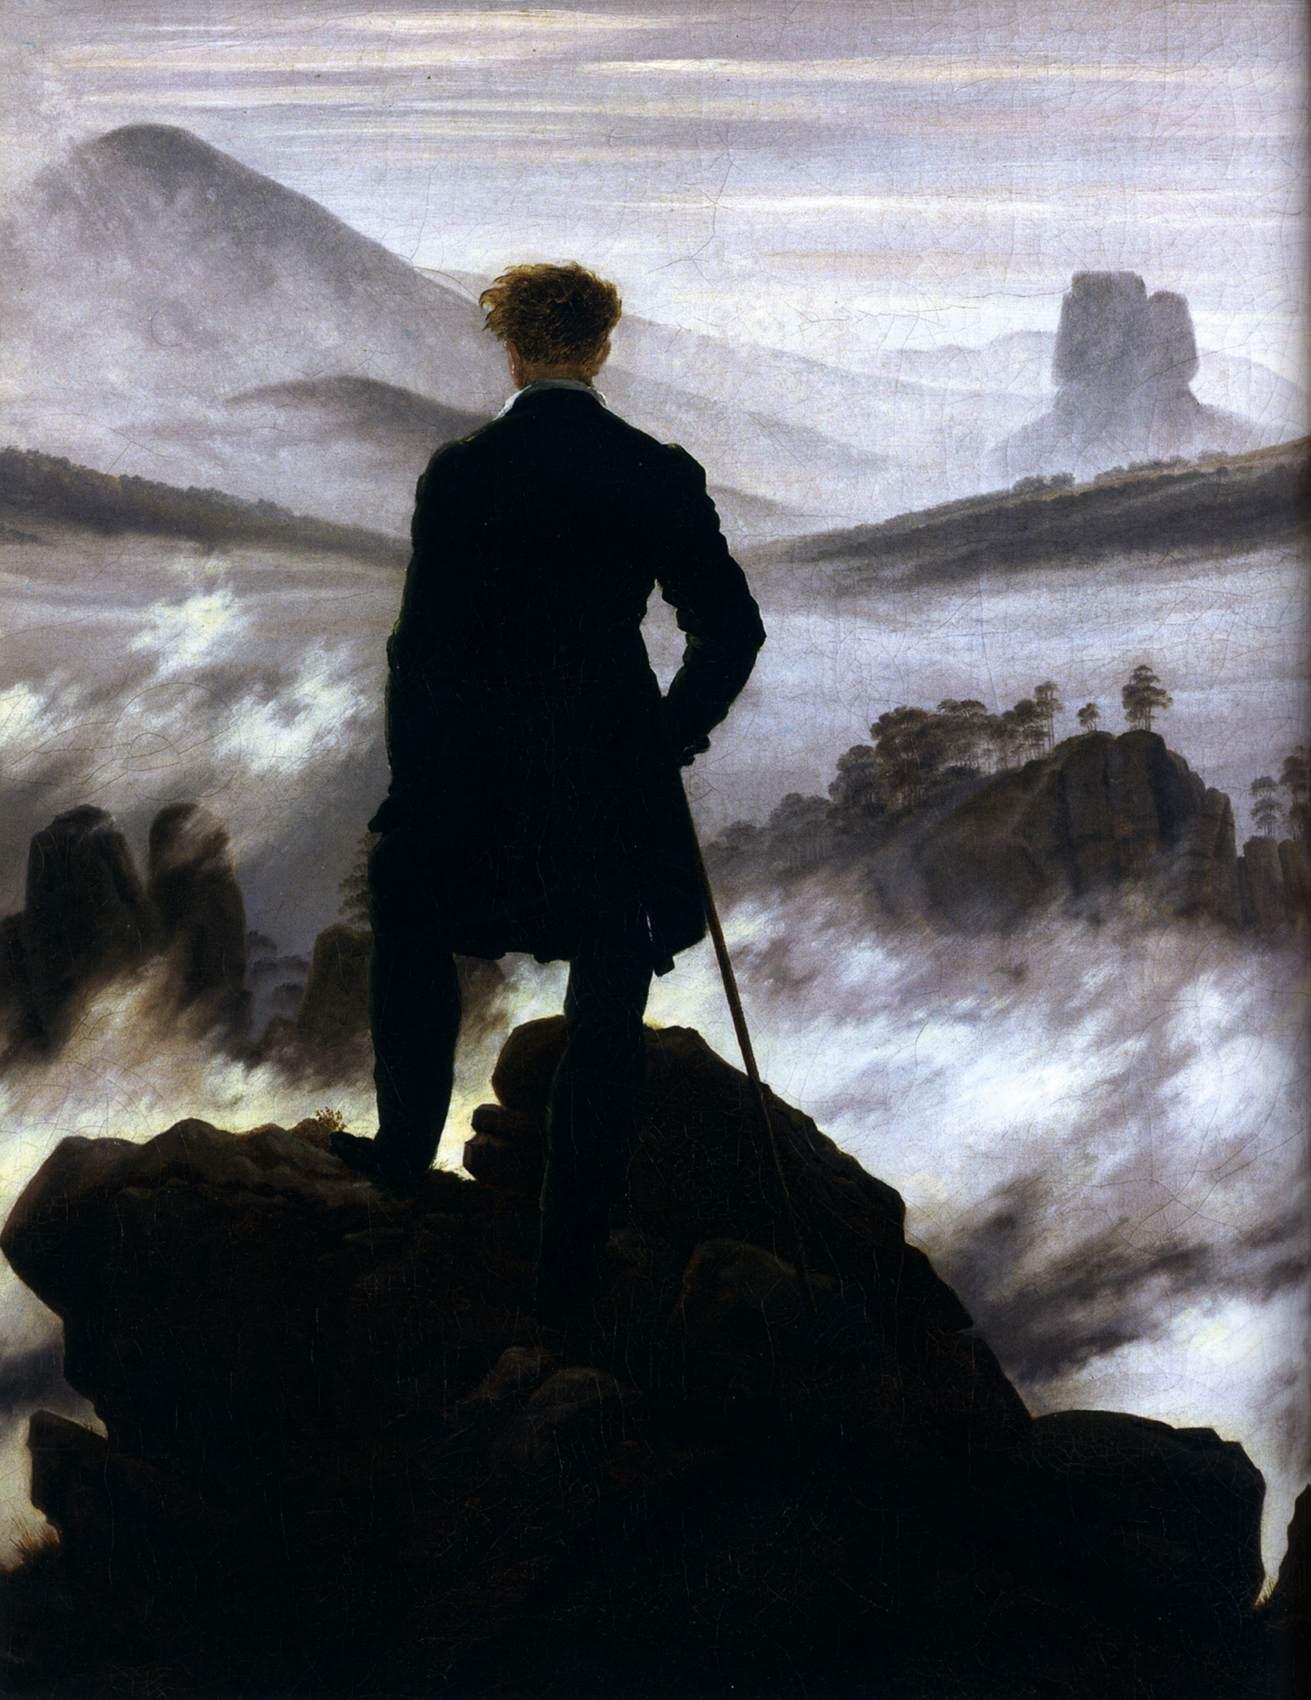 Regard sur la peinture : l'art du paysage